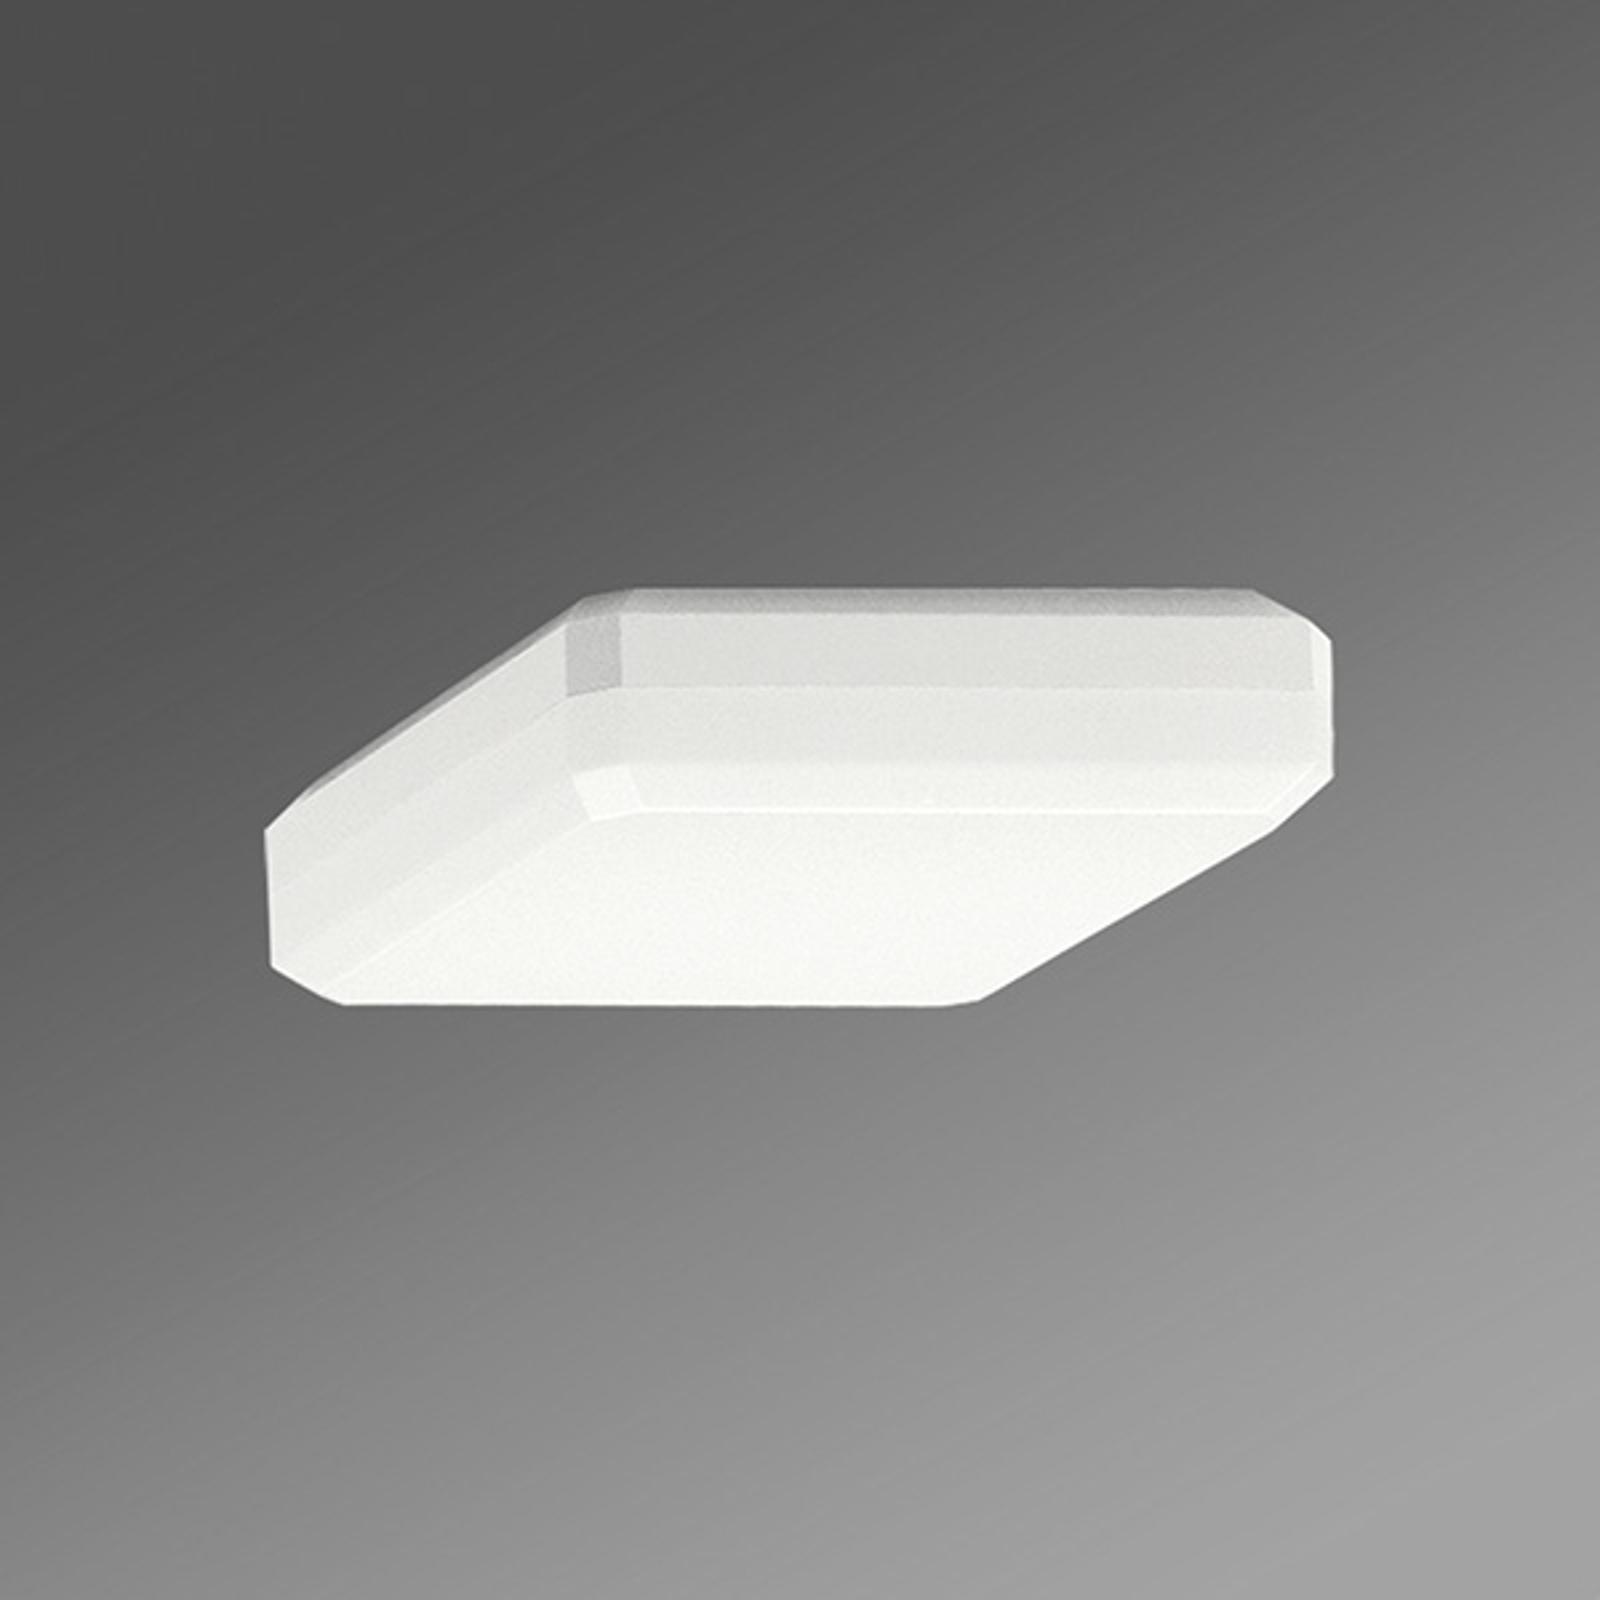 Kattovalaisin WQL opaali, lämmin valkoinen